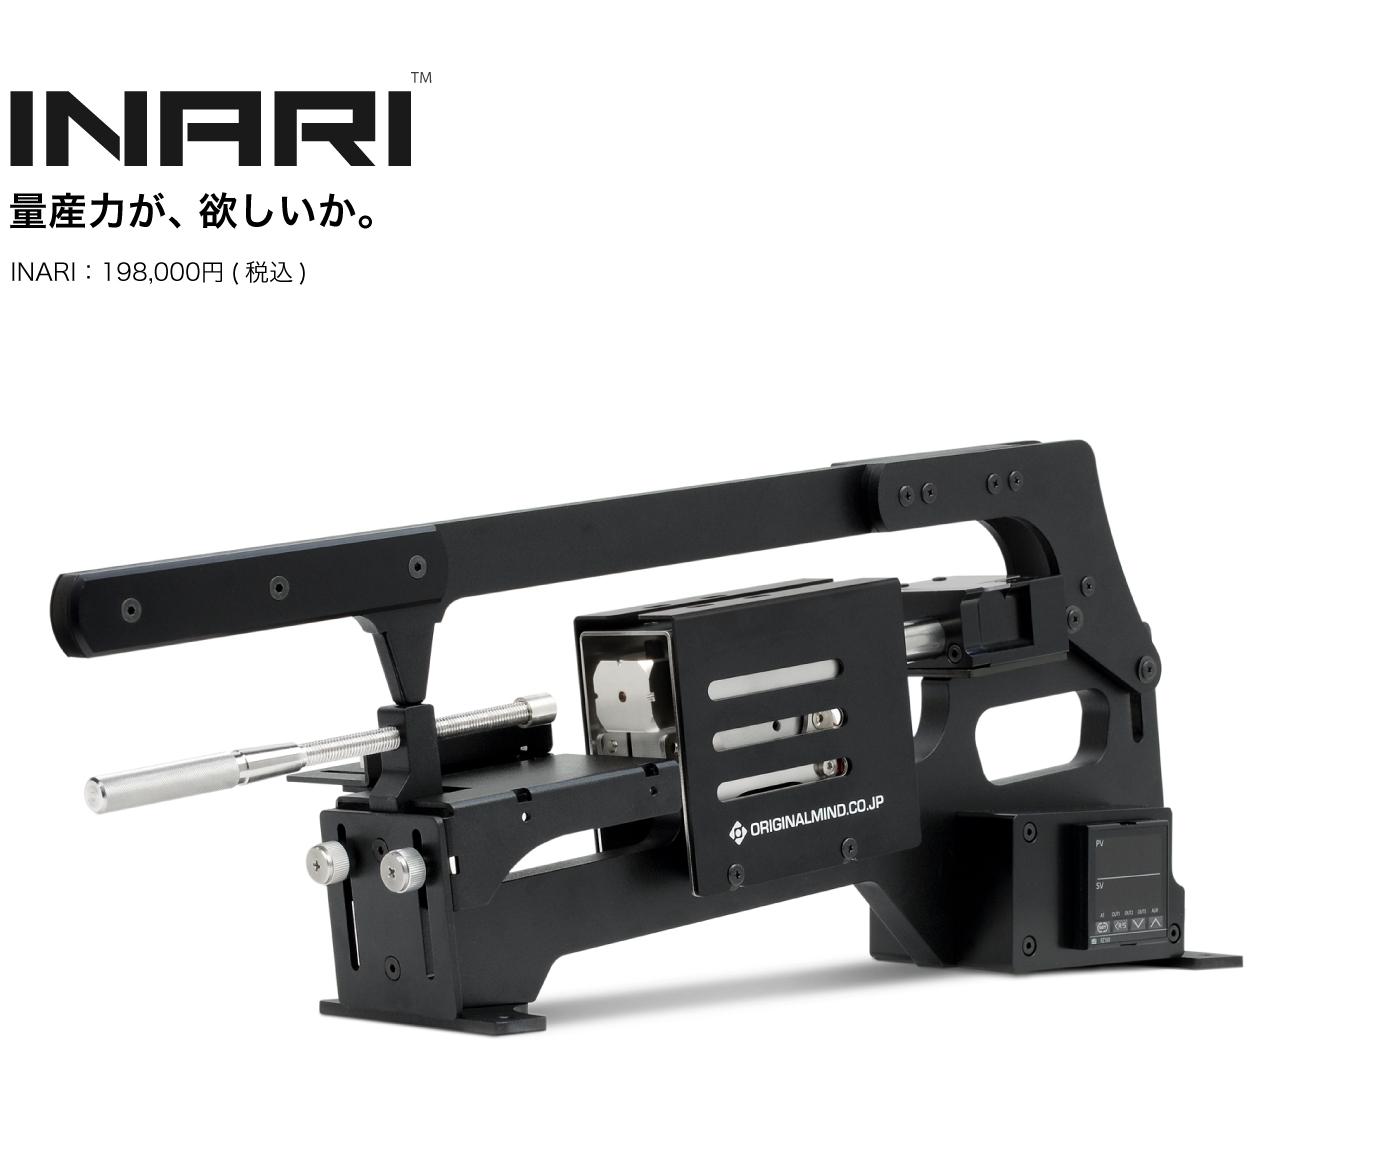 オリジナルマインドの手動射出成形機INARI